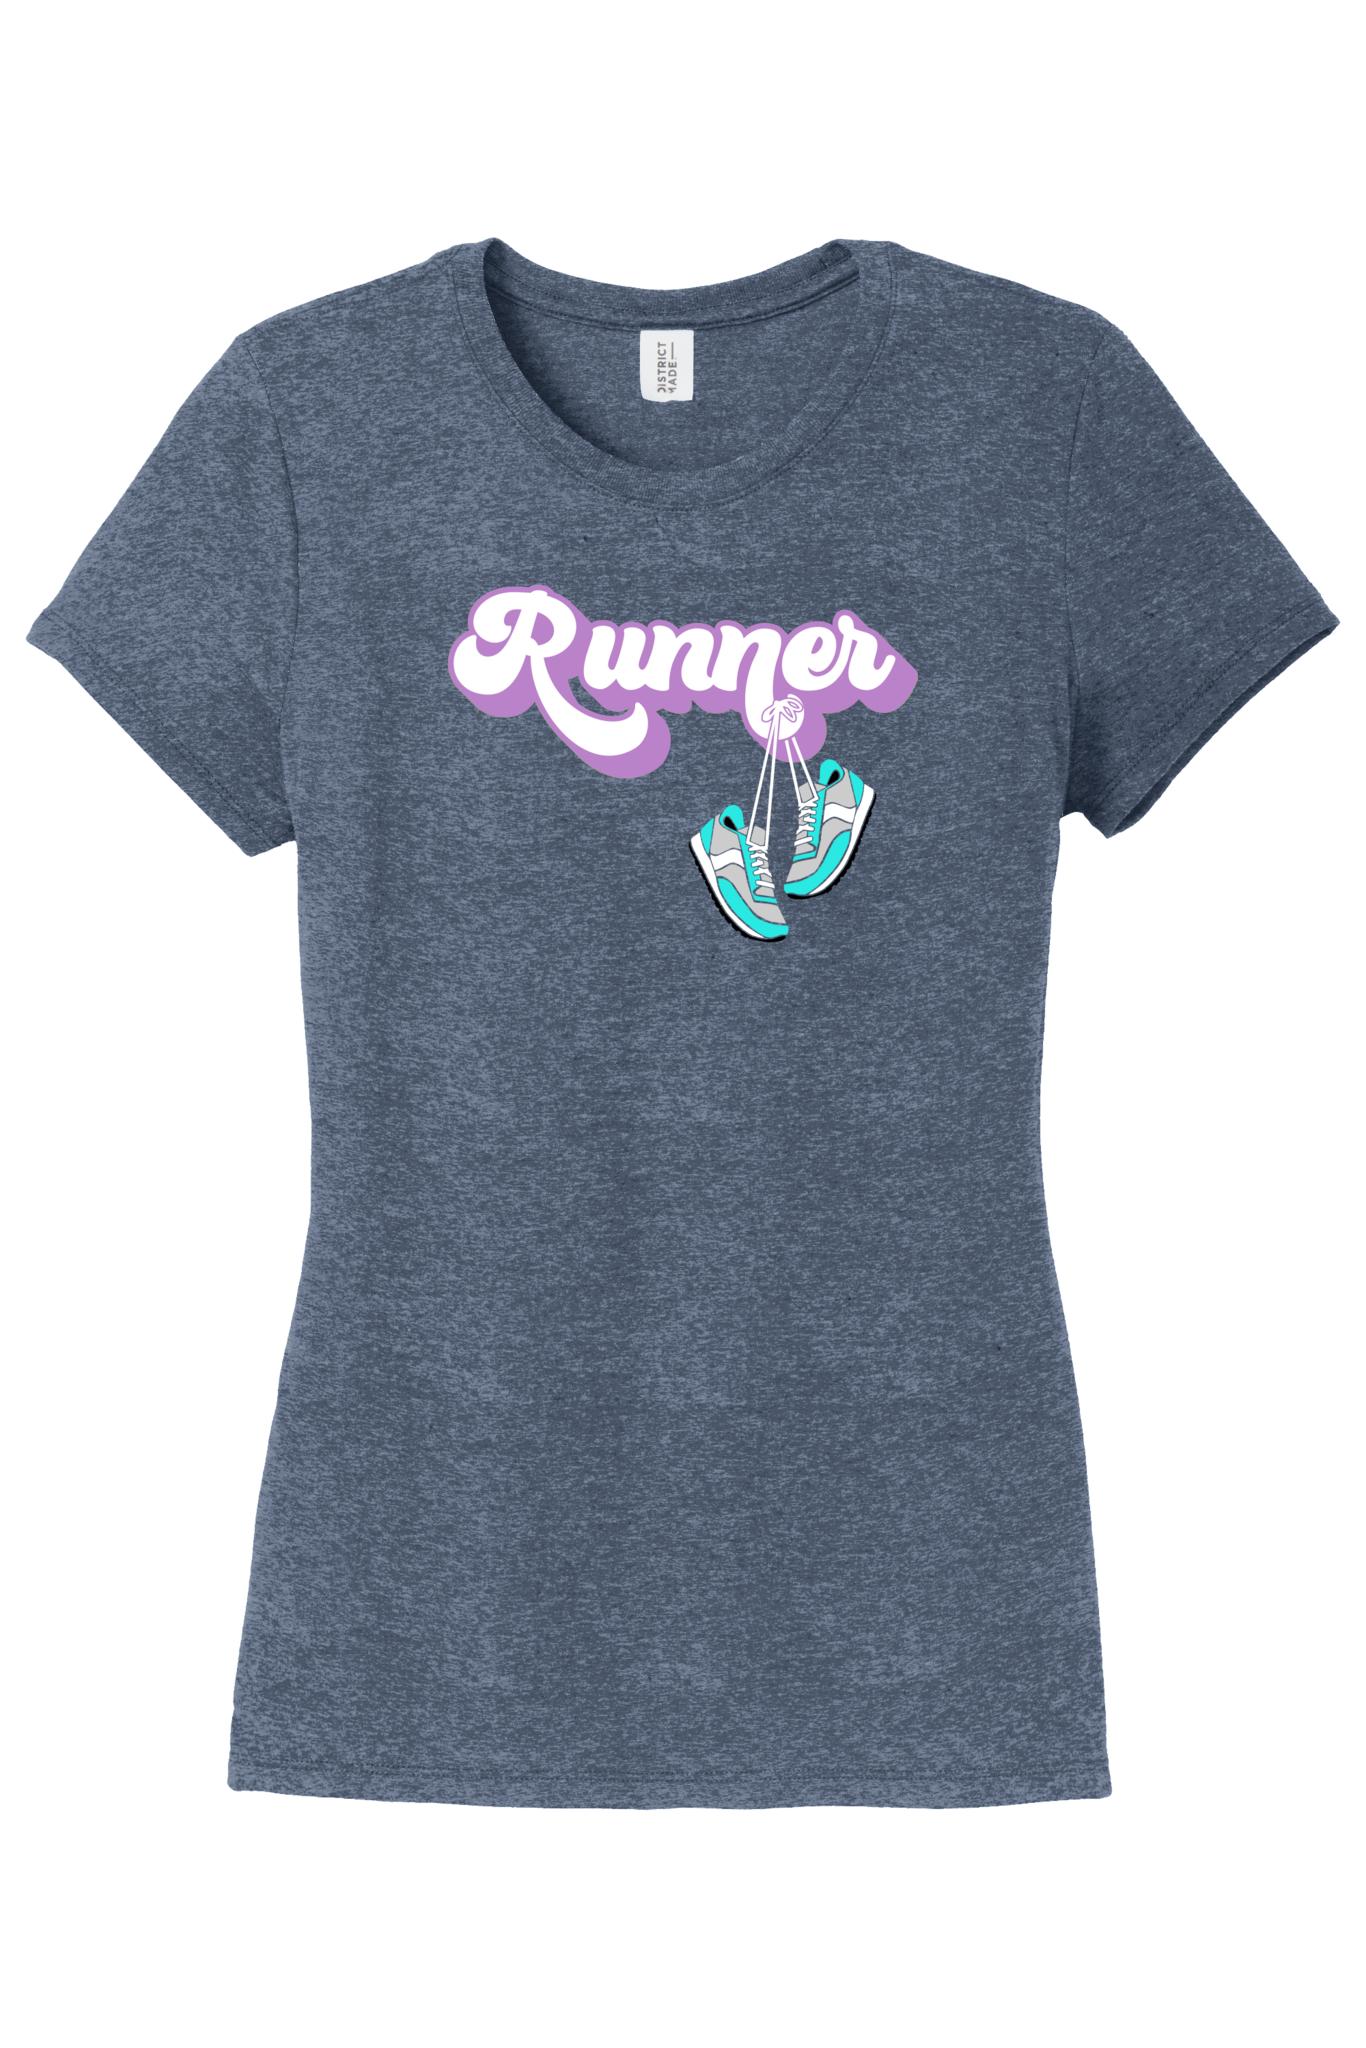 Mad Dash Creations Retro Runner Tee - Women